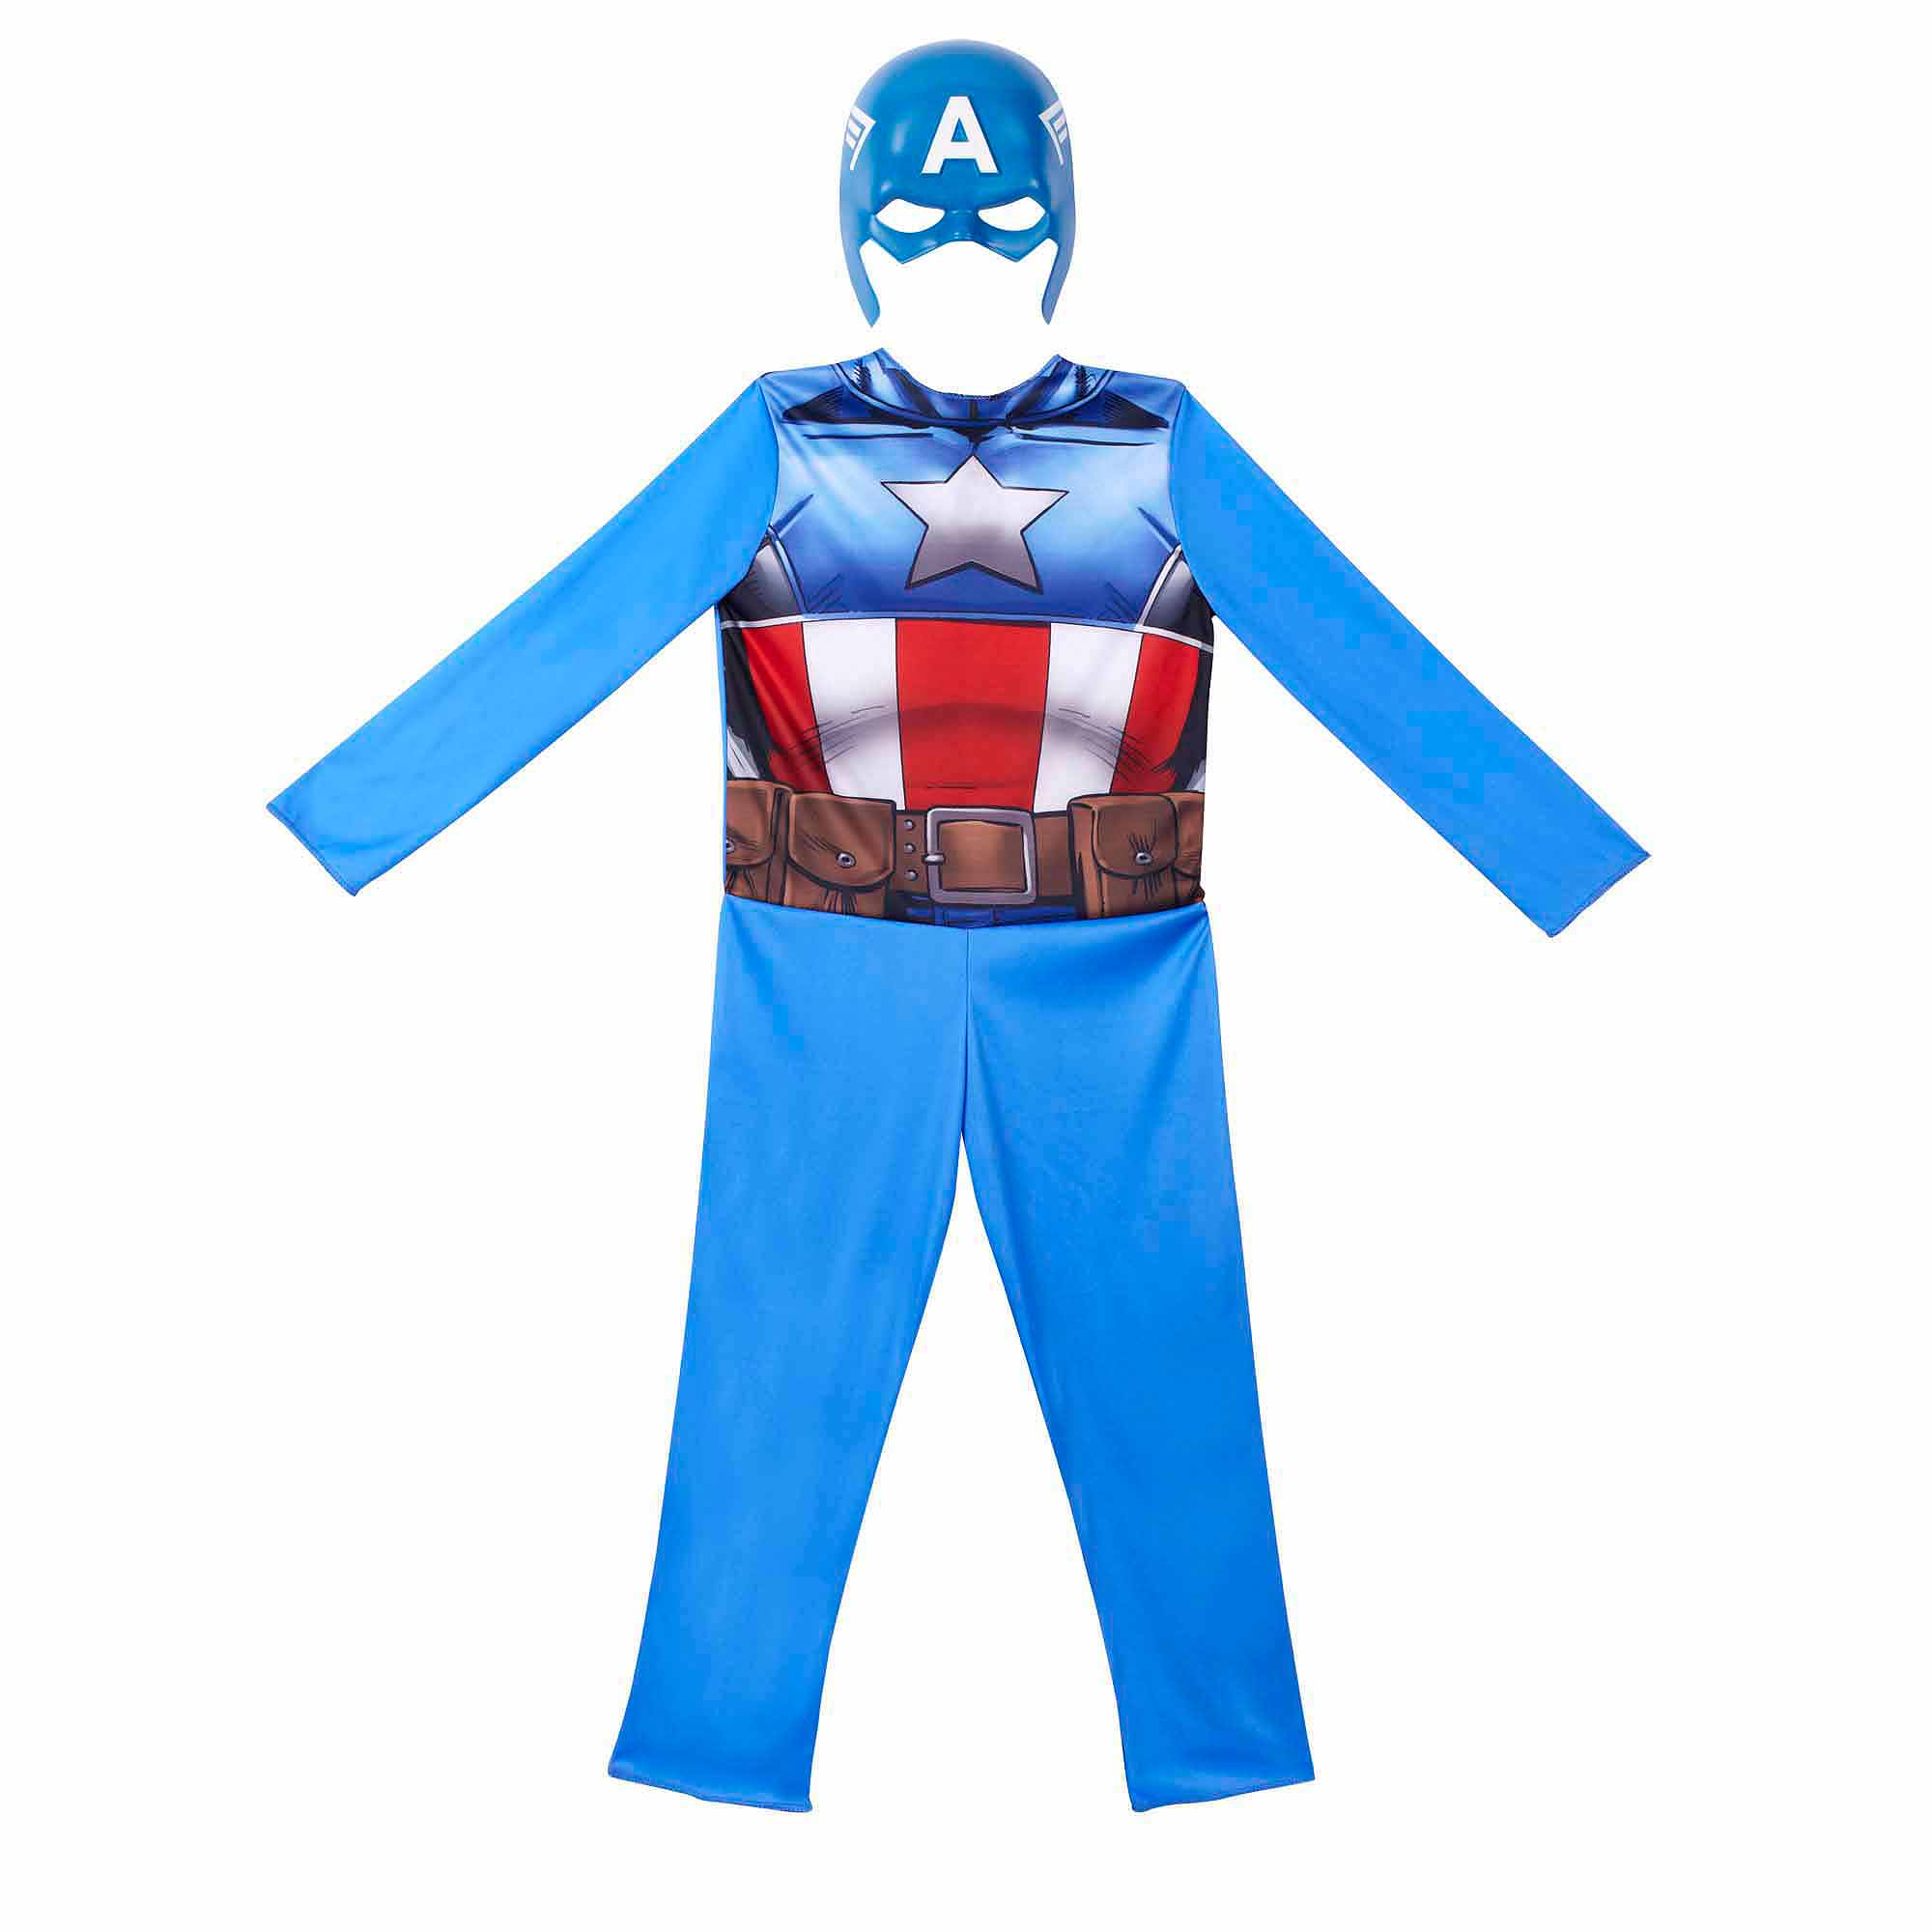 Marvel Avengers Trunk